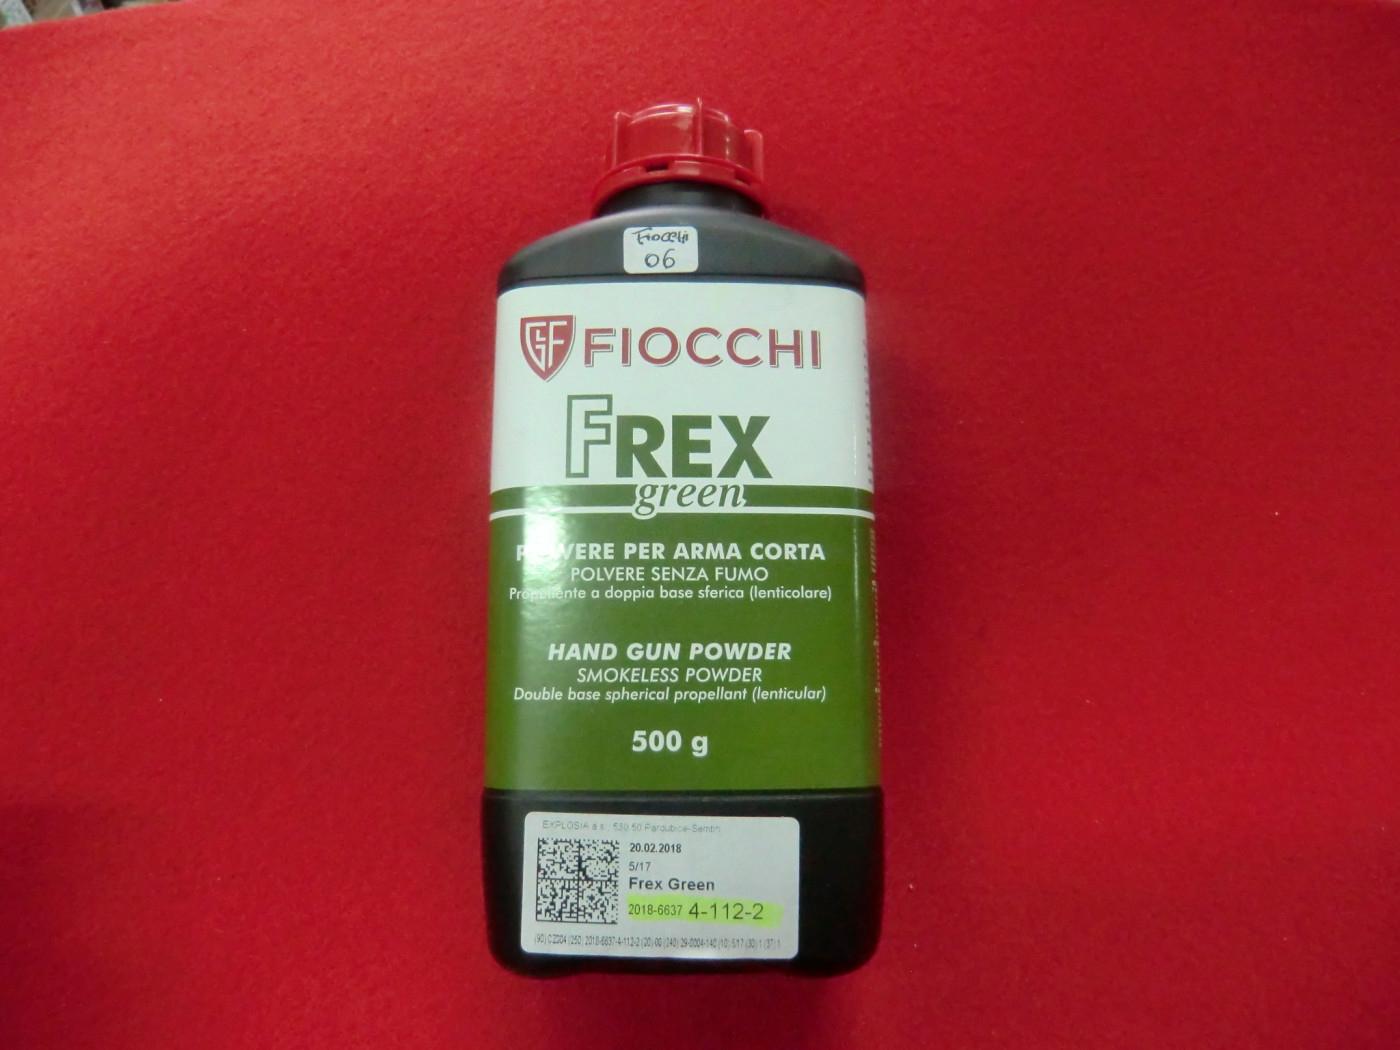 polvere fiocchi frex green